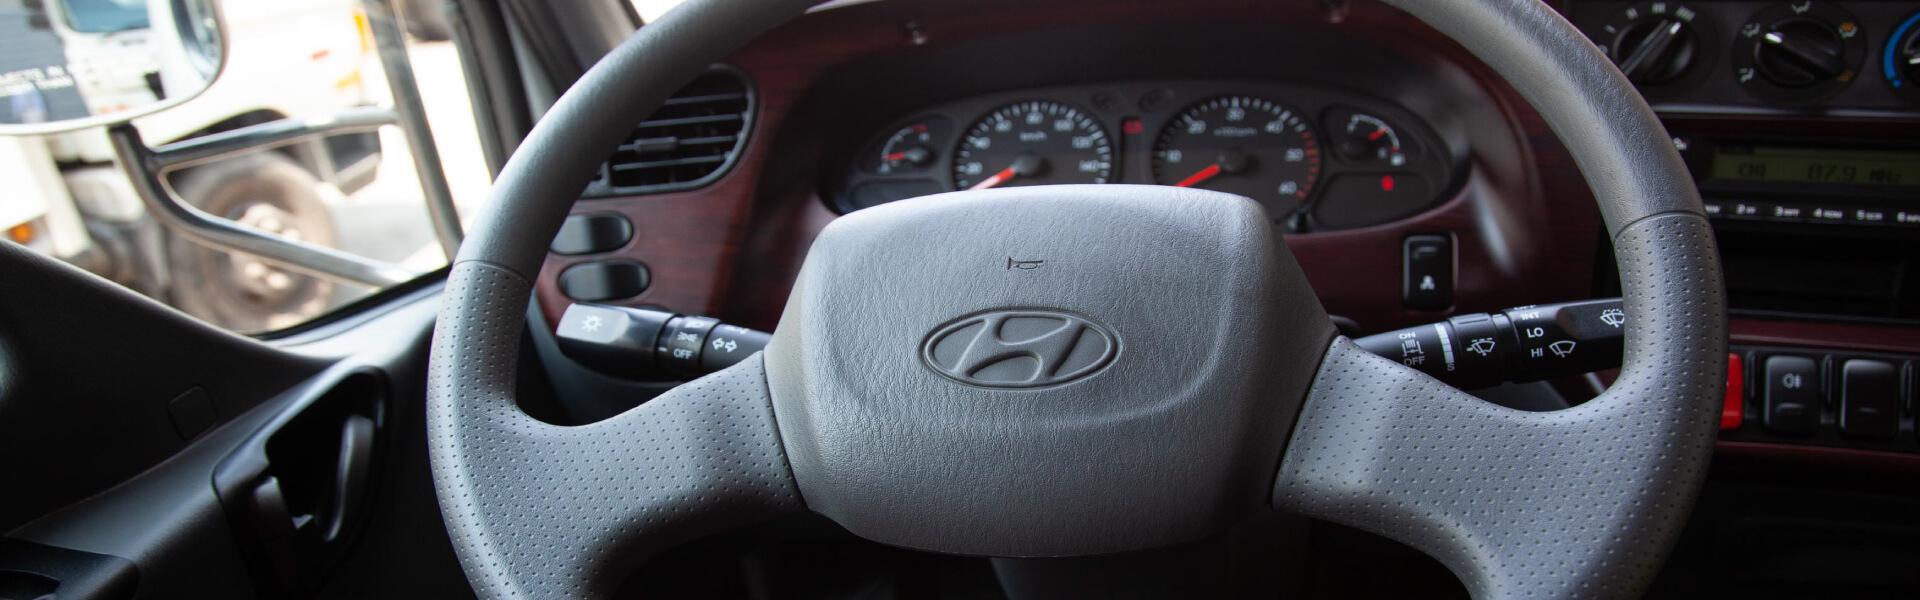 hd60-interior-header